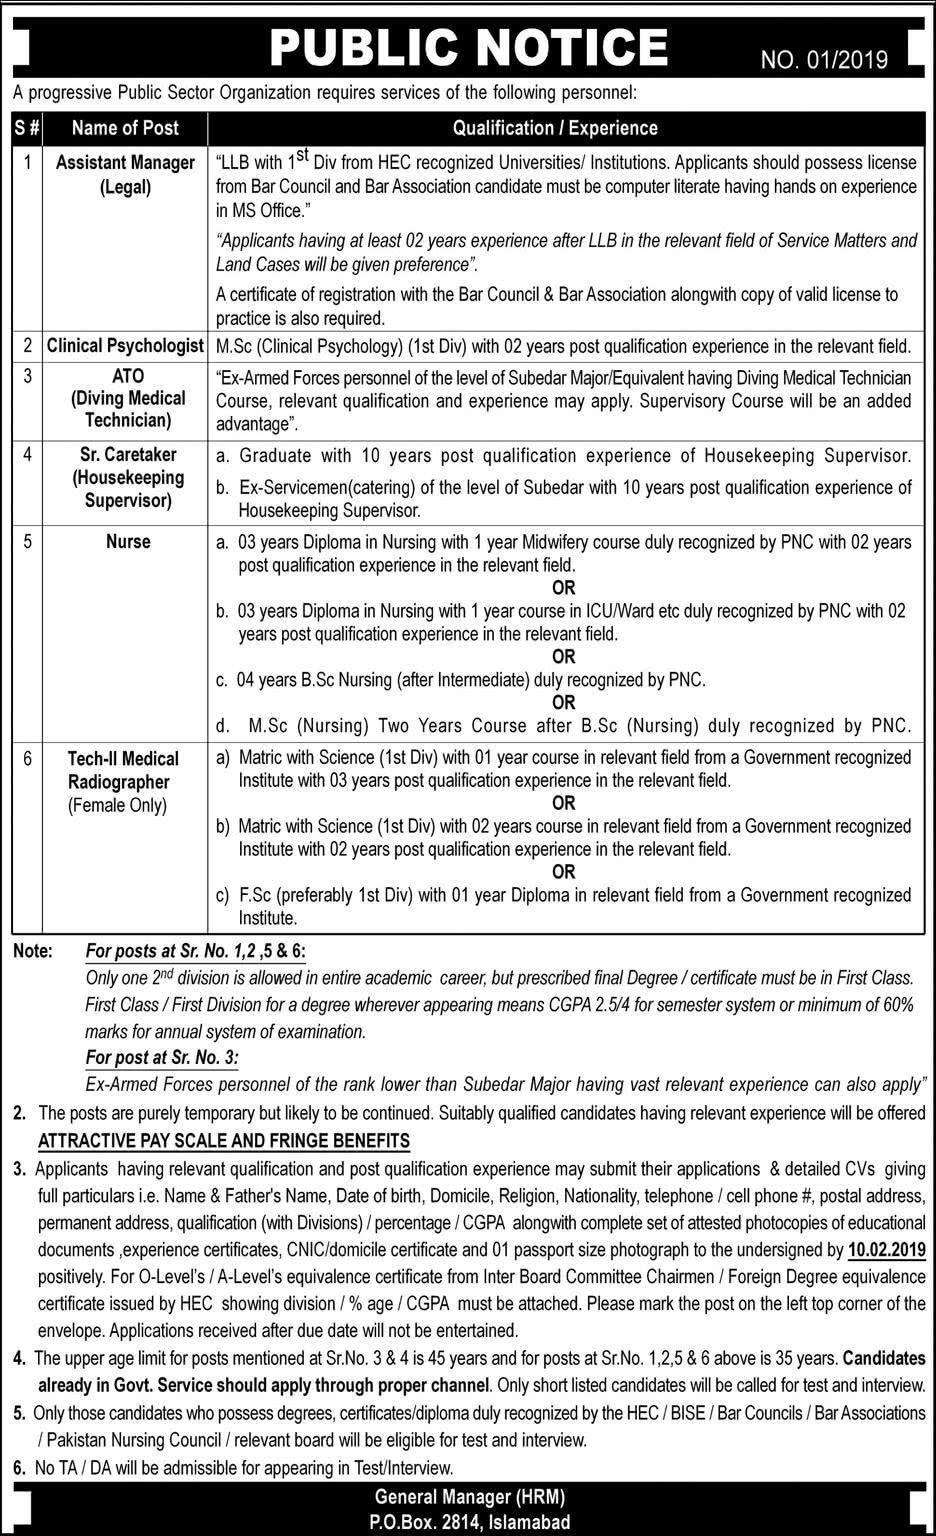 Punjab Public Service Commission PPSC Jobs Advertisement